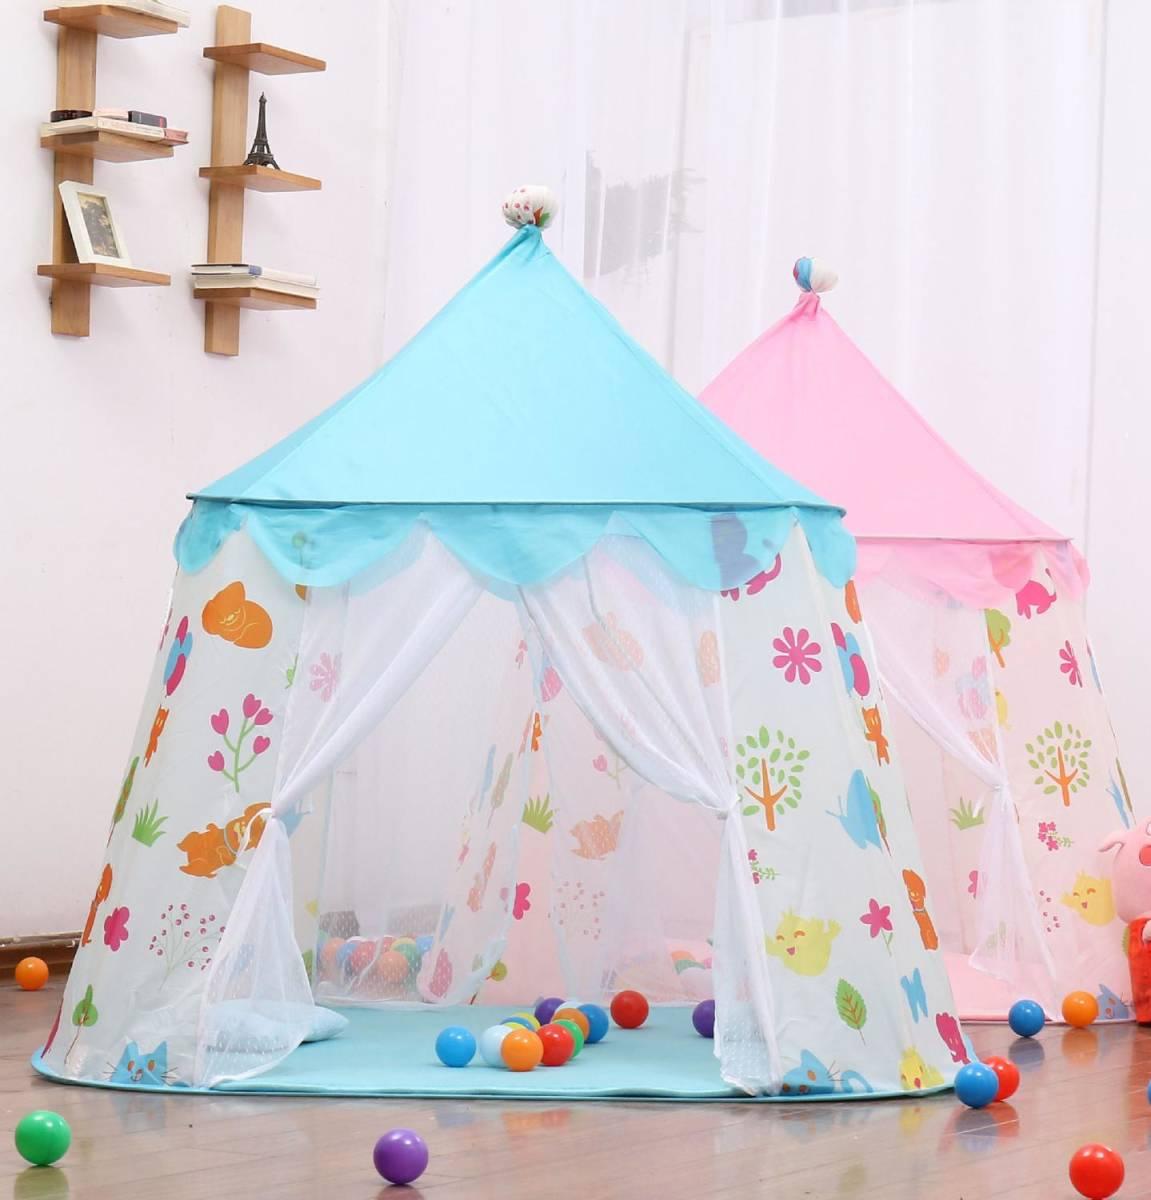 子供 ティピ キッズ 屋内 ベッド 家 ポータブル リトル ハウス ティーピー GR0025flag1 テント キャンプ アウトドア_画像2